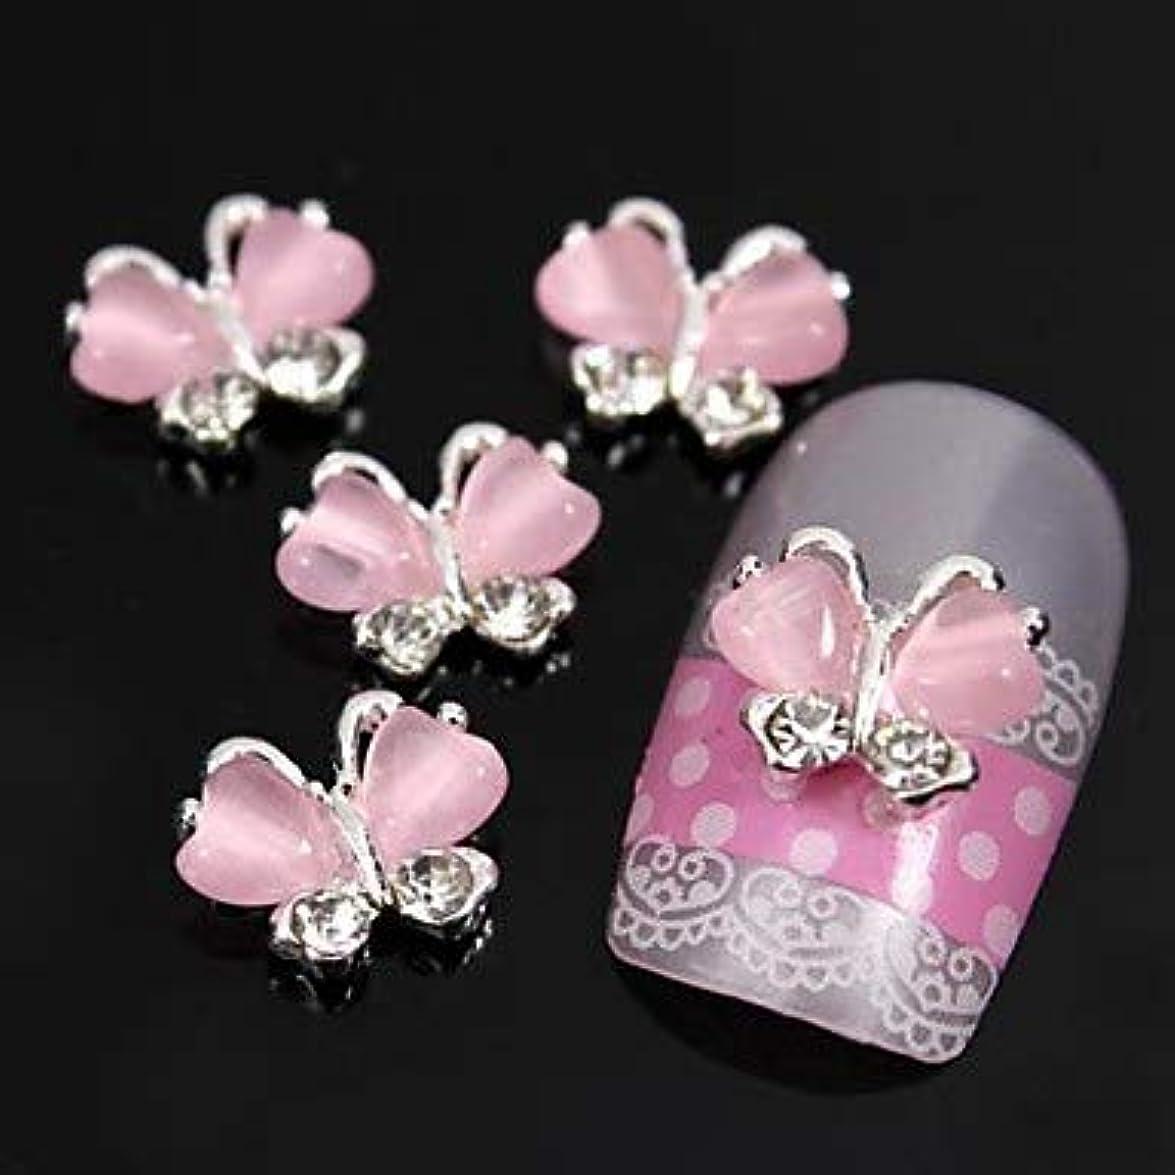 デッド規制するのためにピンク猫の目の石3d合金ネイルアートの装飾が付いている10pcs飛行蝶